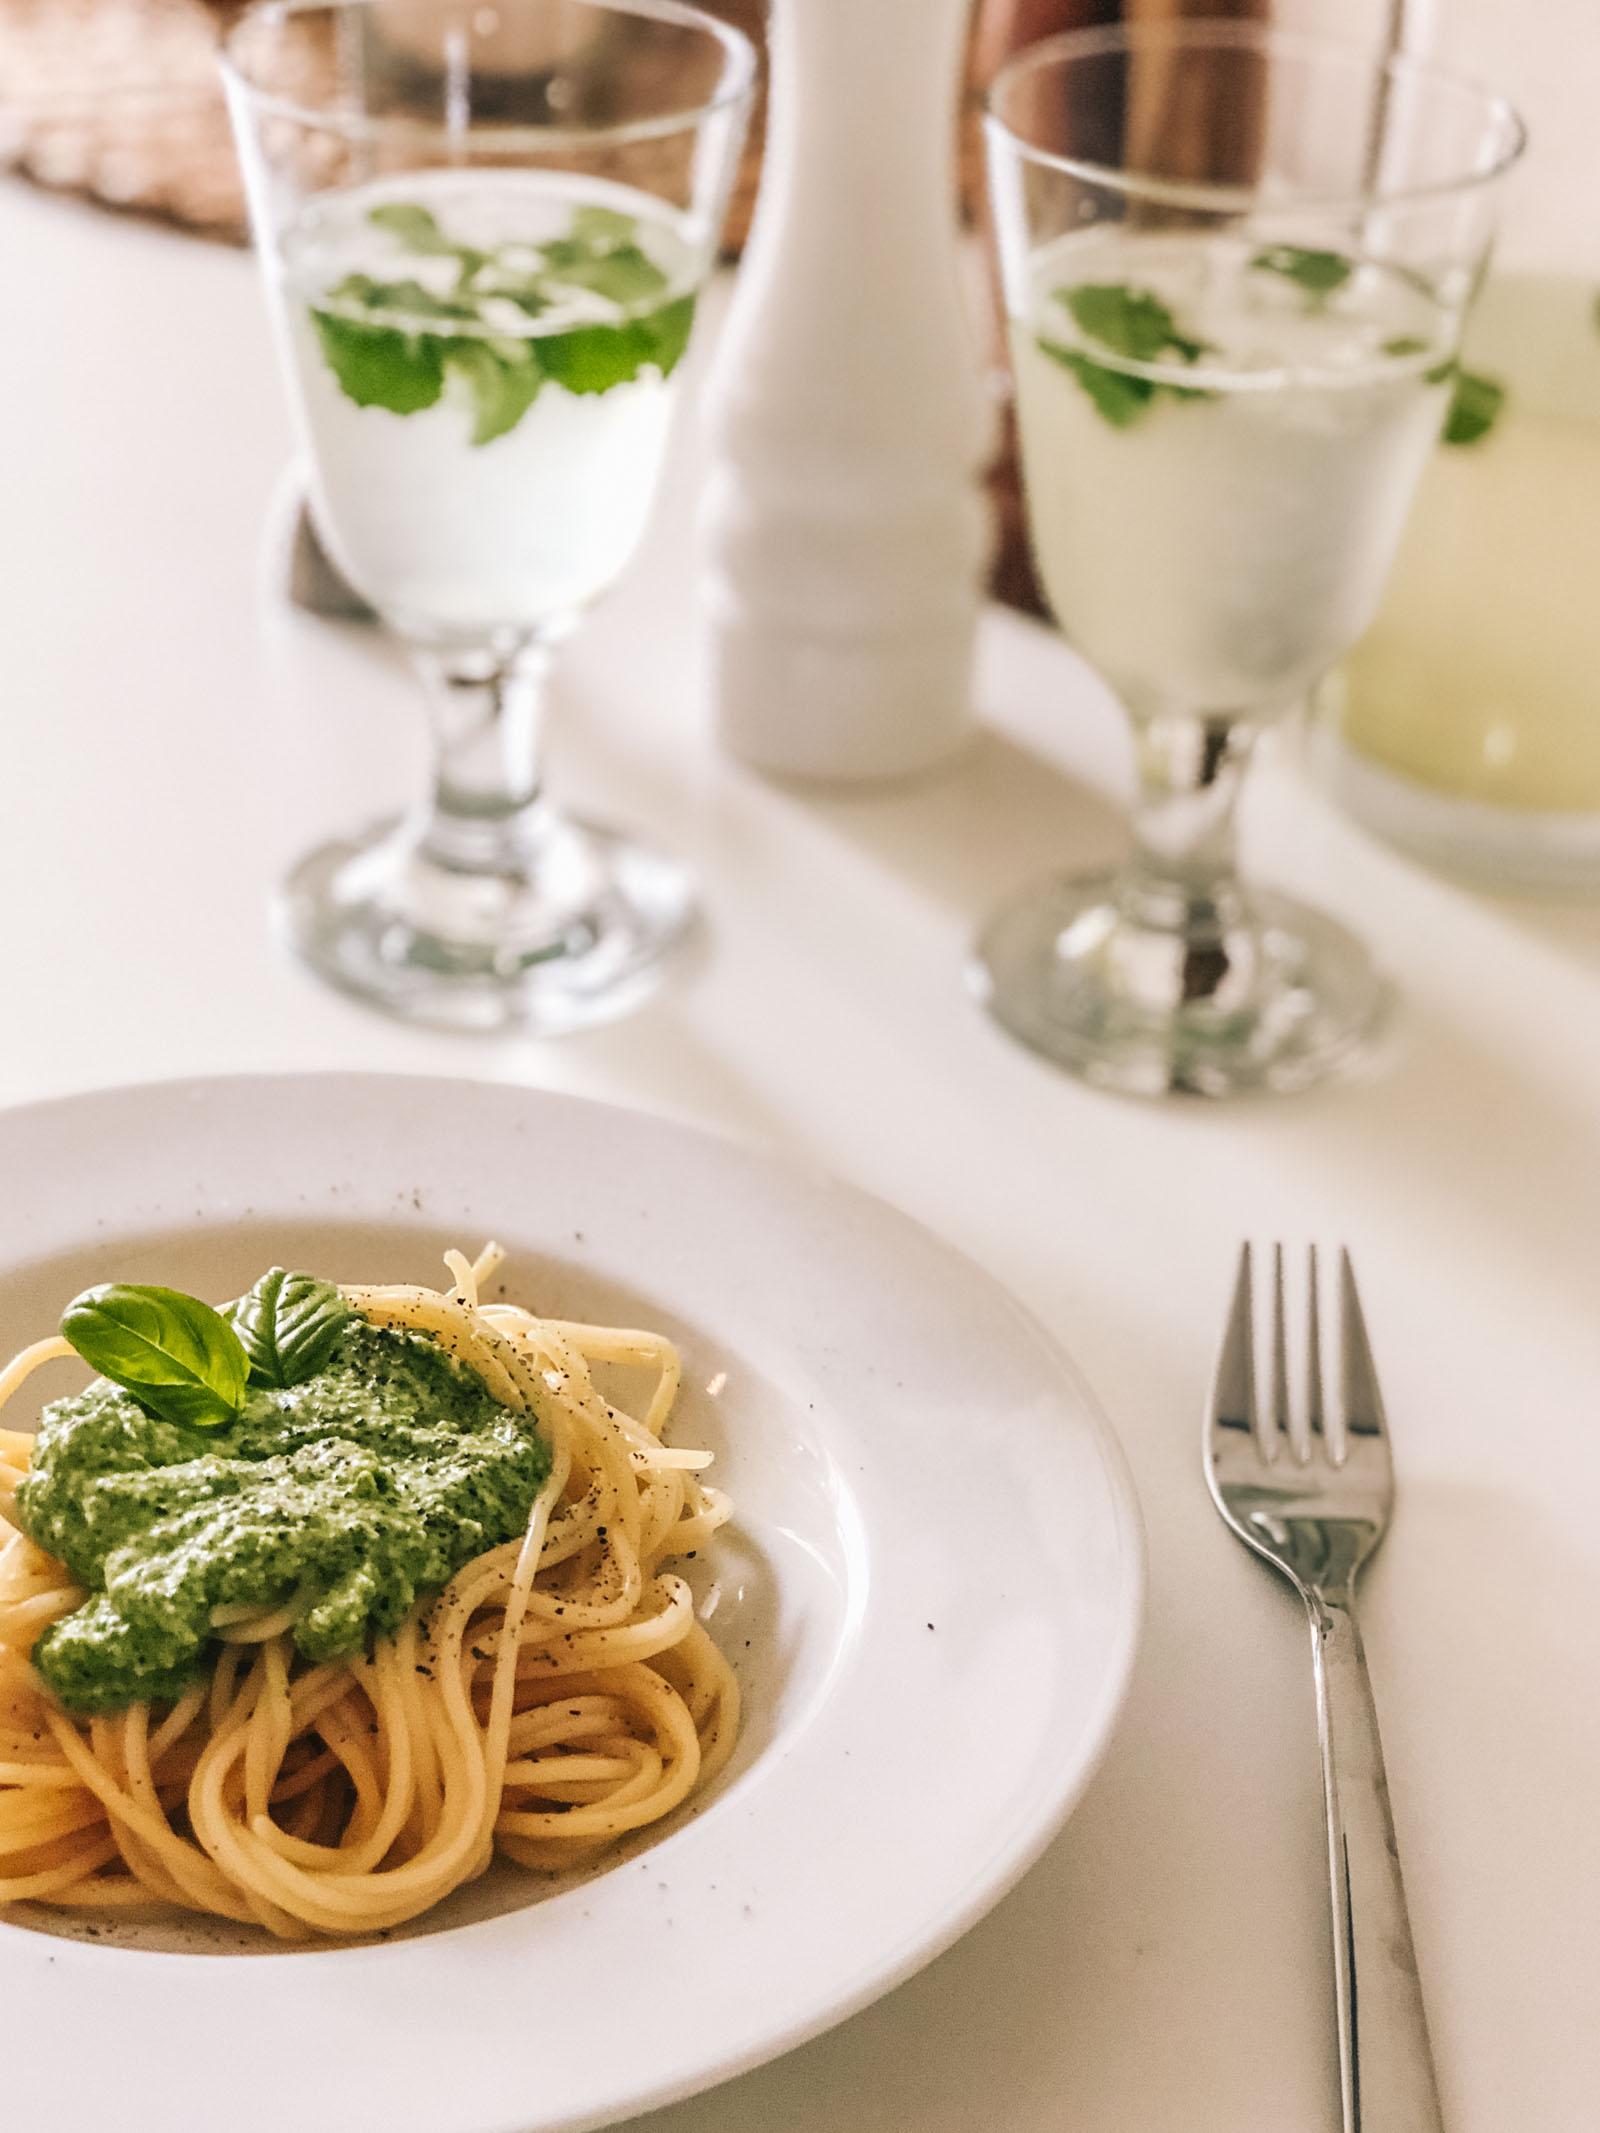 Einfaches und schnelles Basilikum Pesto Rezept, Chilli, Käse, Knoblauch in die Küchenmaschine